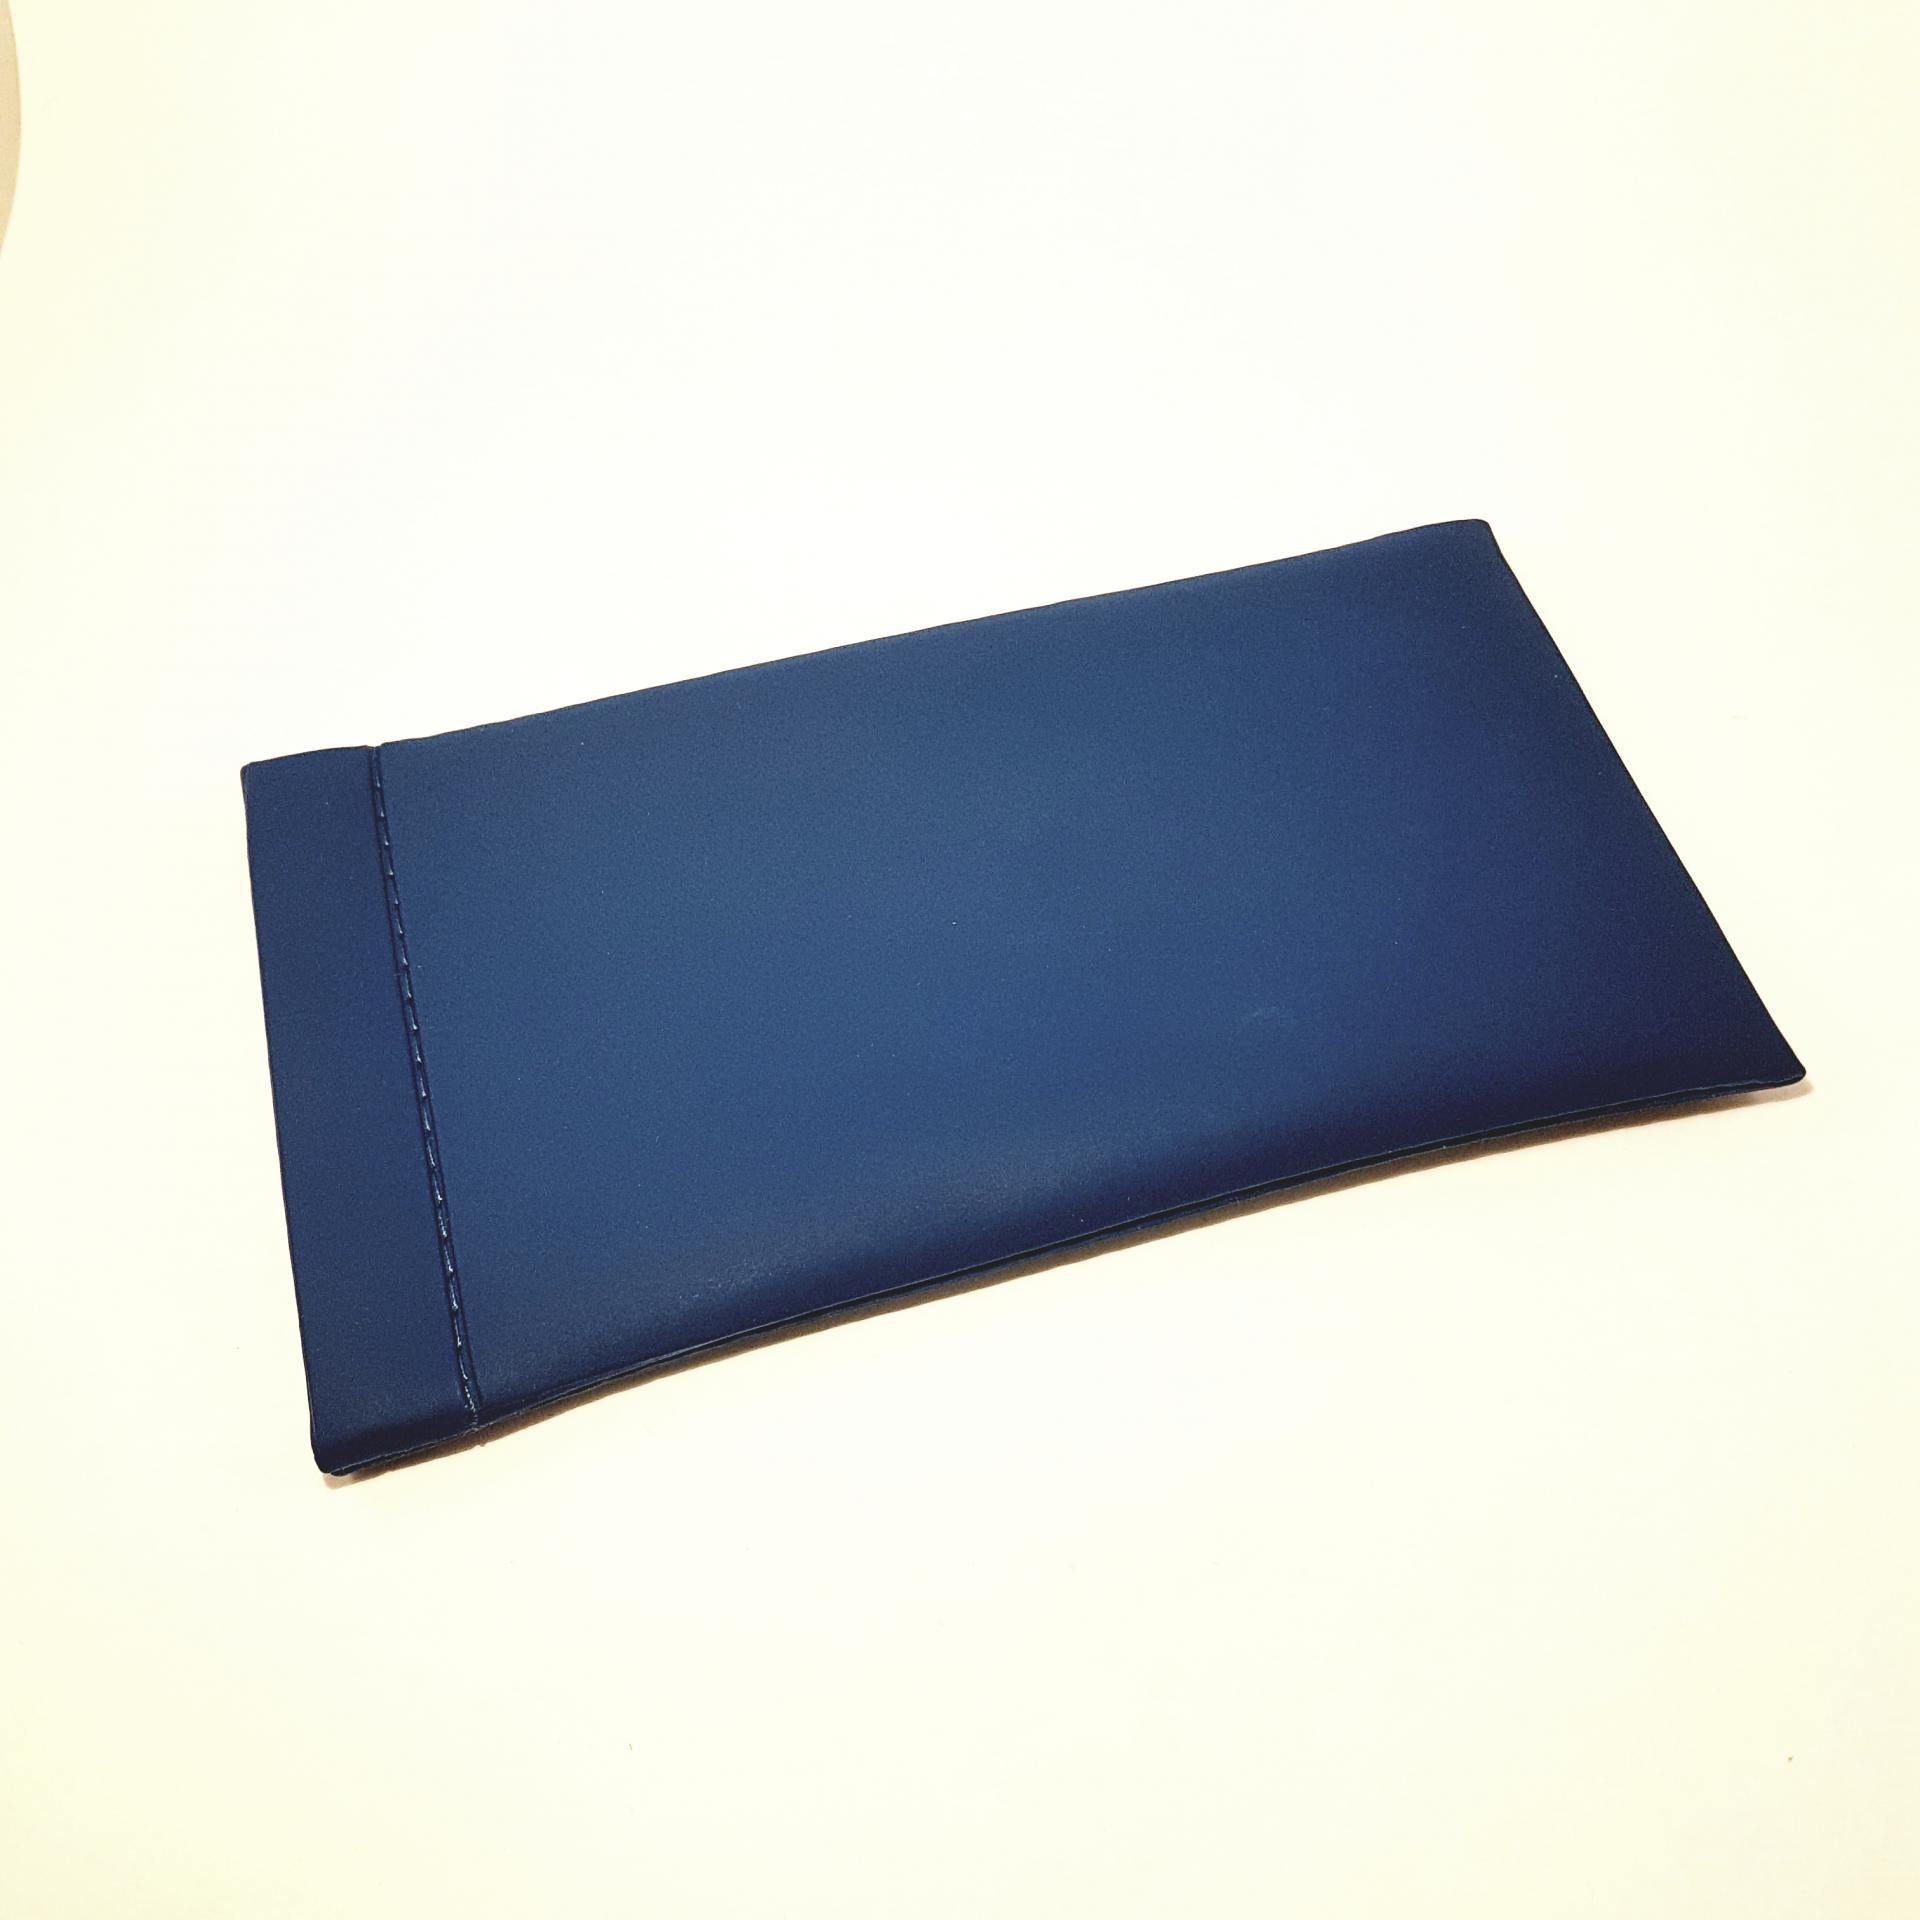 Etui clap bleu